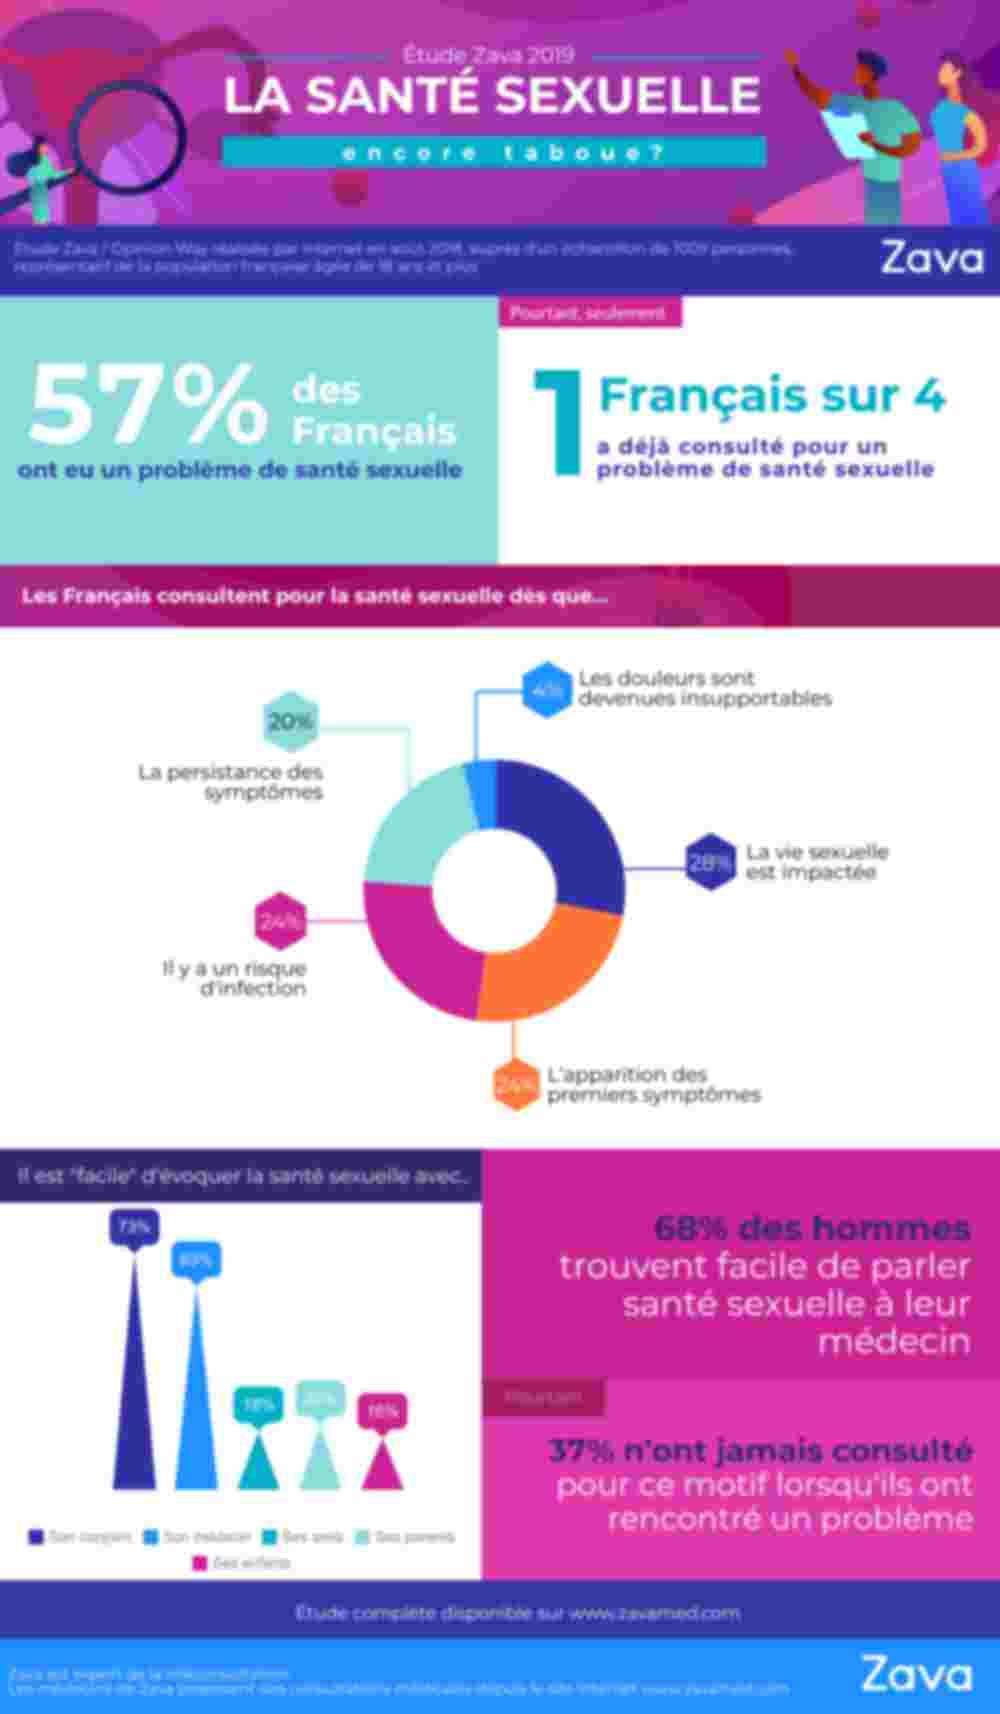 Etude Zava - Santé sexuelle en France encore taboue